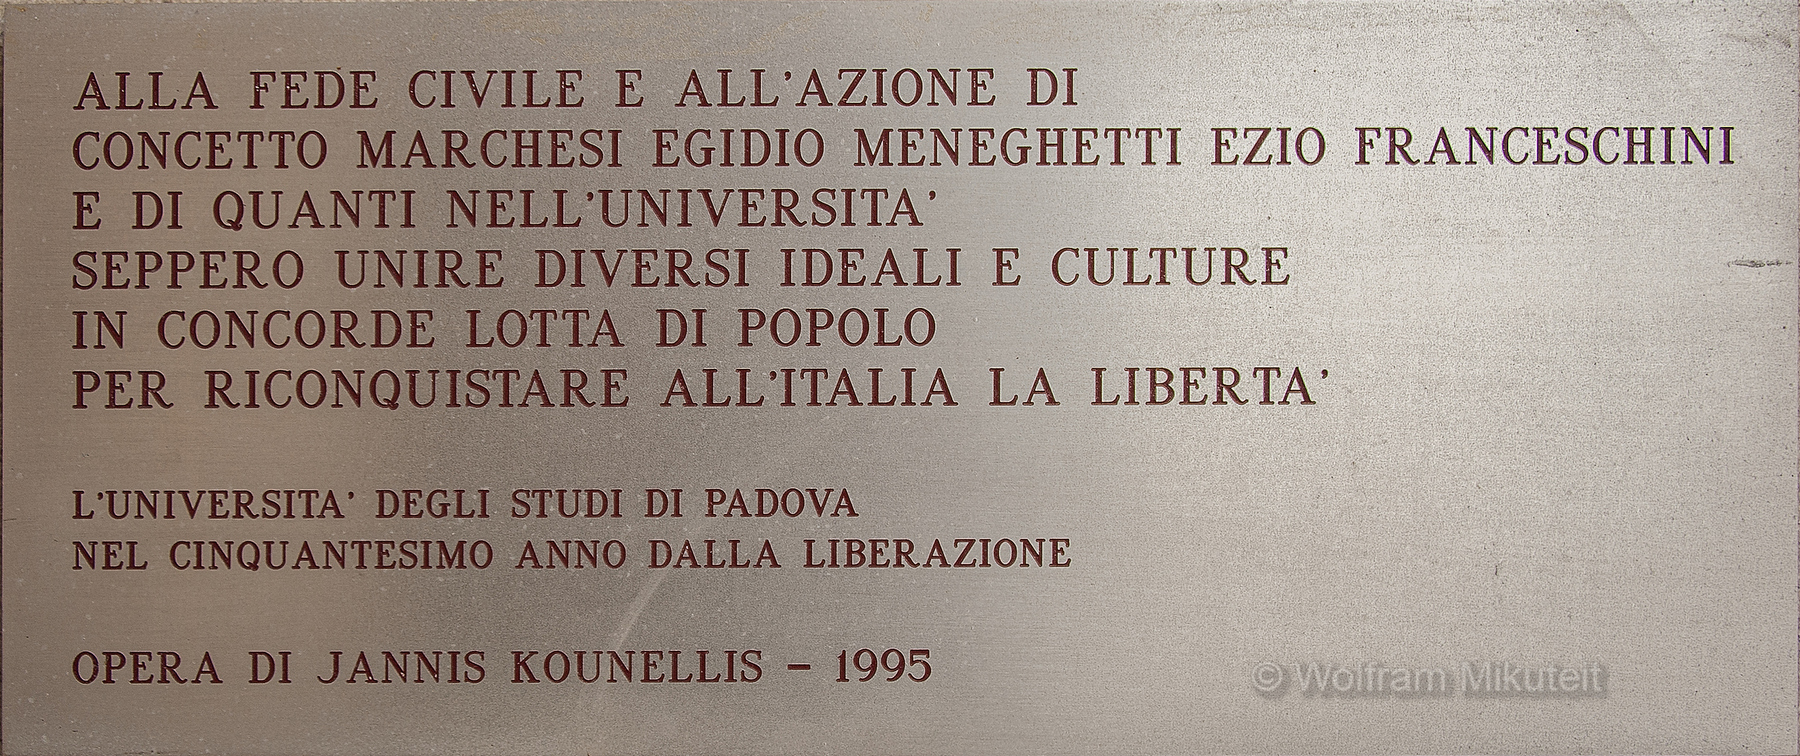 Gedenktafel für Marchesi, Meneghetti und Franceschini - Foto: © Wolfram Mikuteit